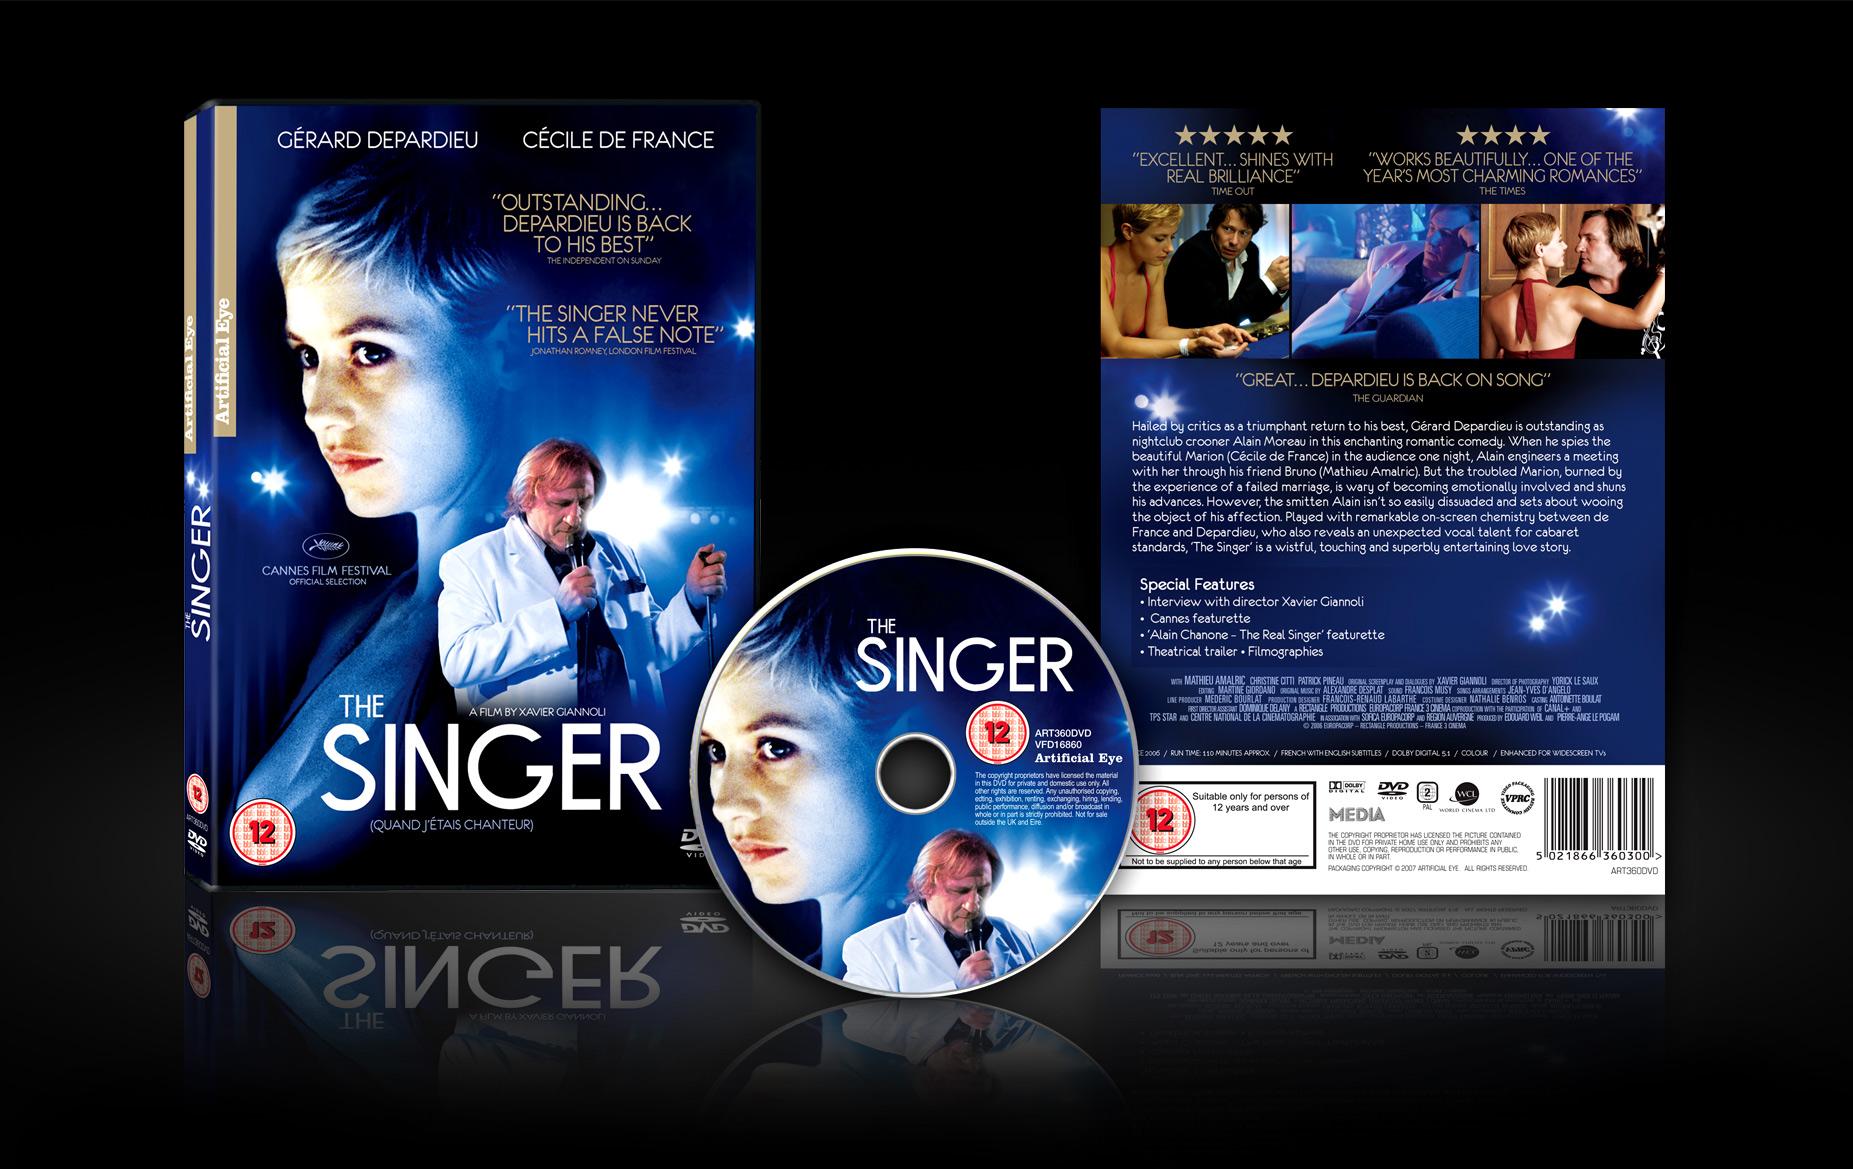 The Singer DVD